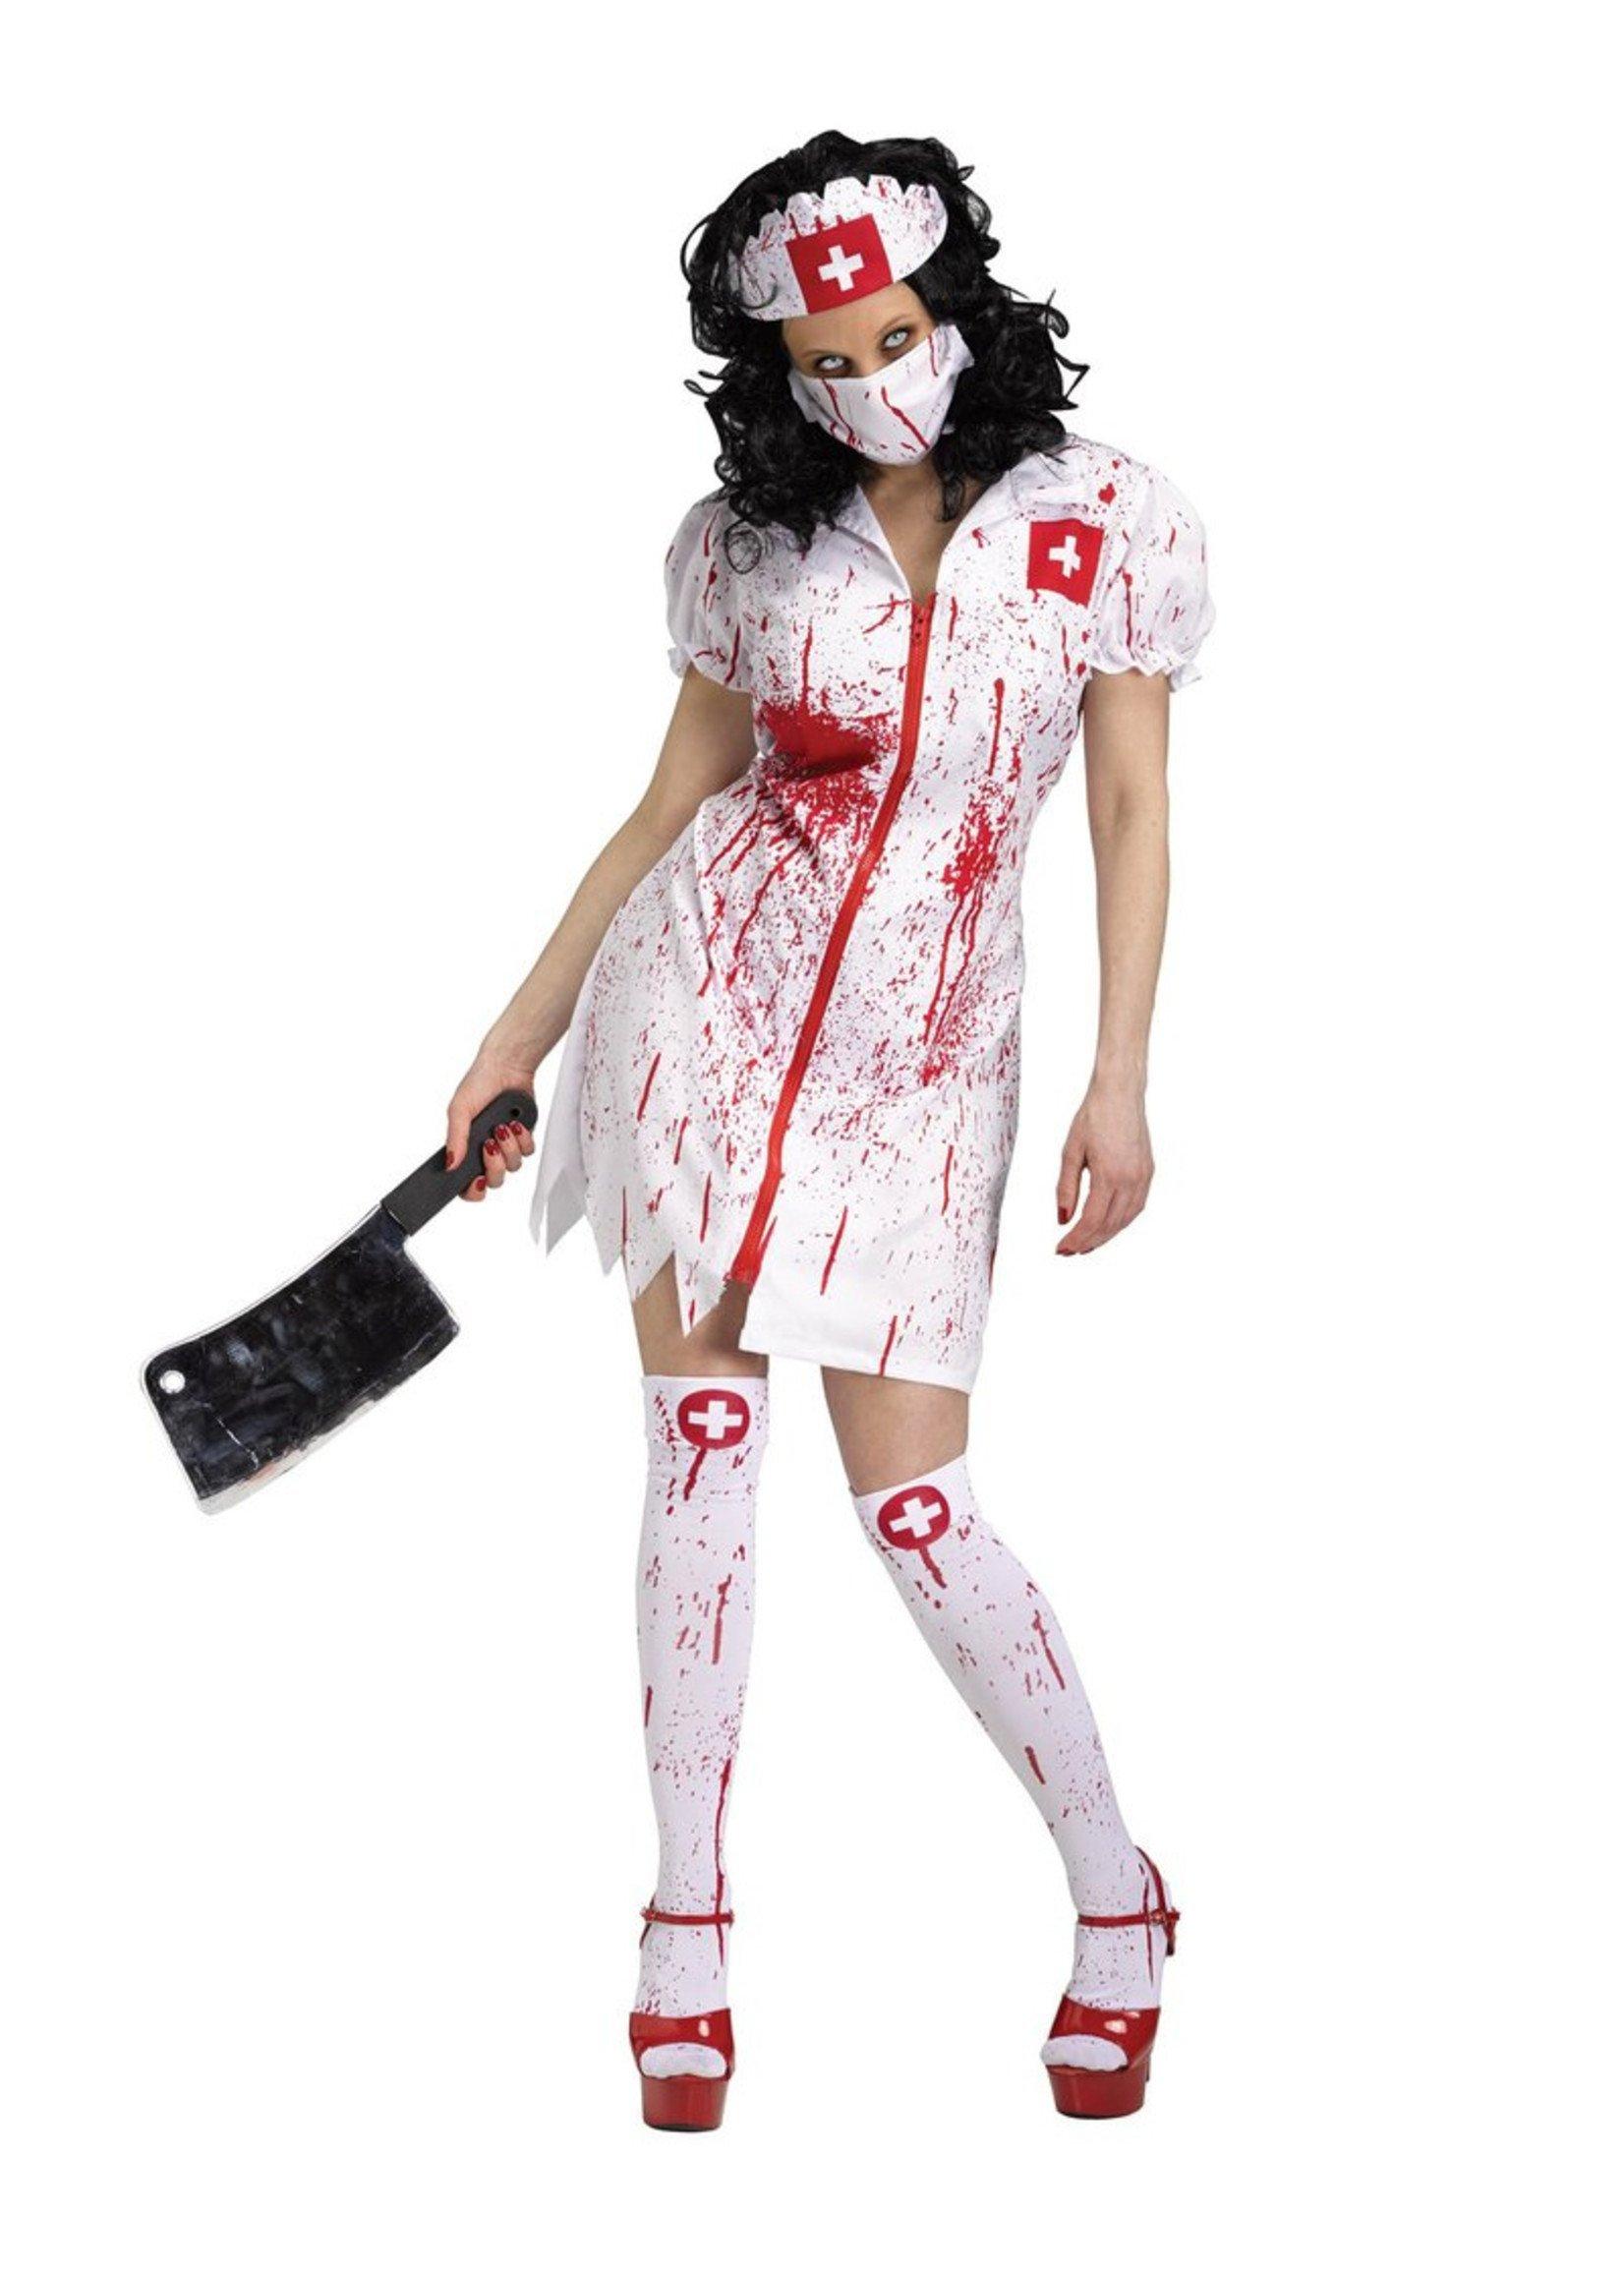 Cursed Nurse Costume - Women's